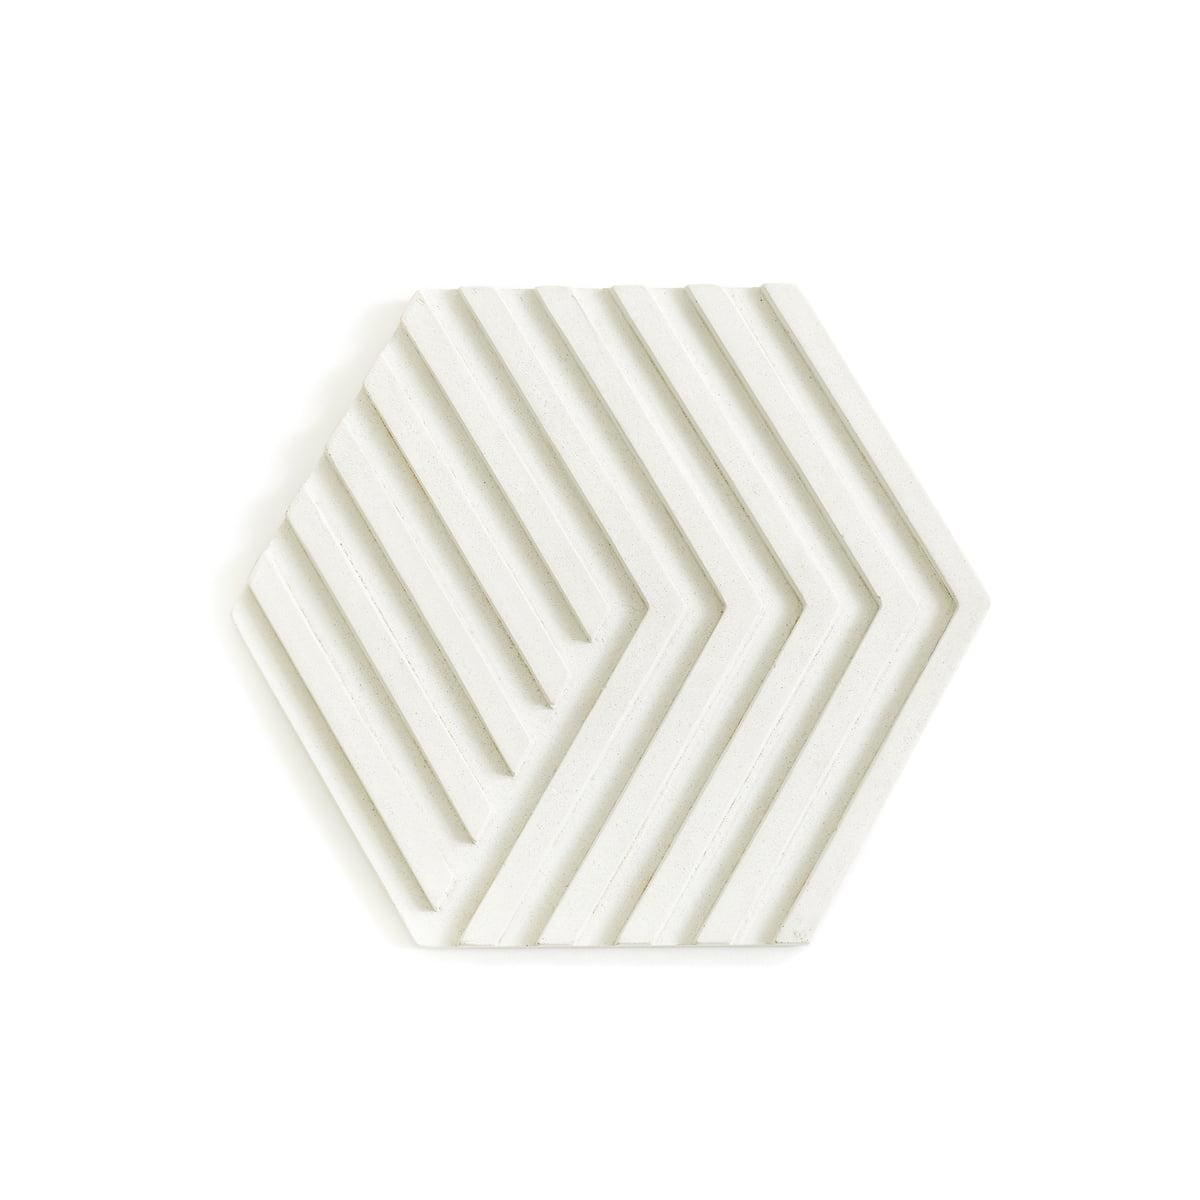 Areaware - Concrete Trivet Topf-Untersetzer, weiß | Küche und Esszimmer > Kochen und Backen > Töpfe | Weiß | Zement | Areaware